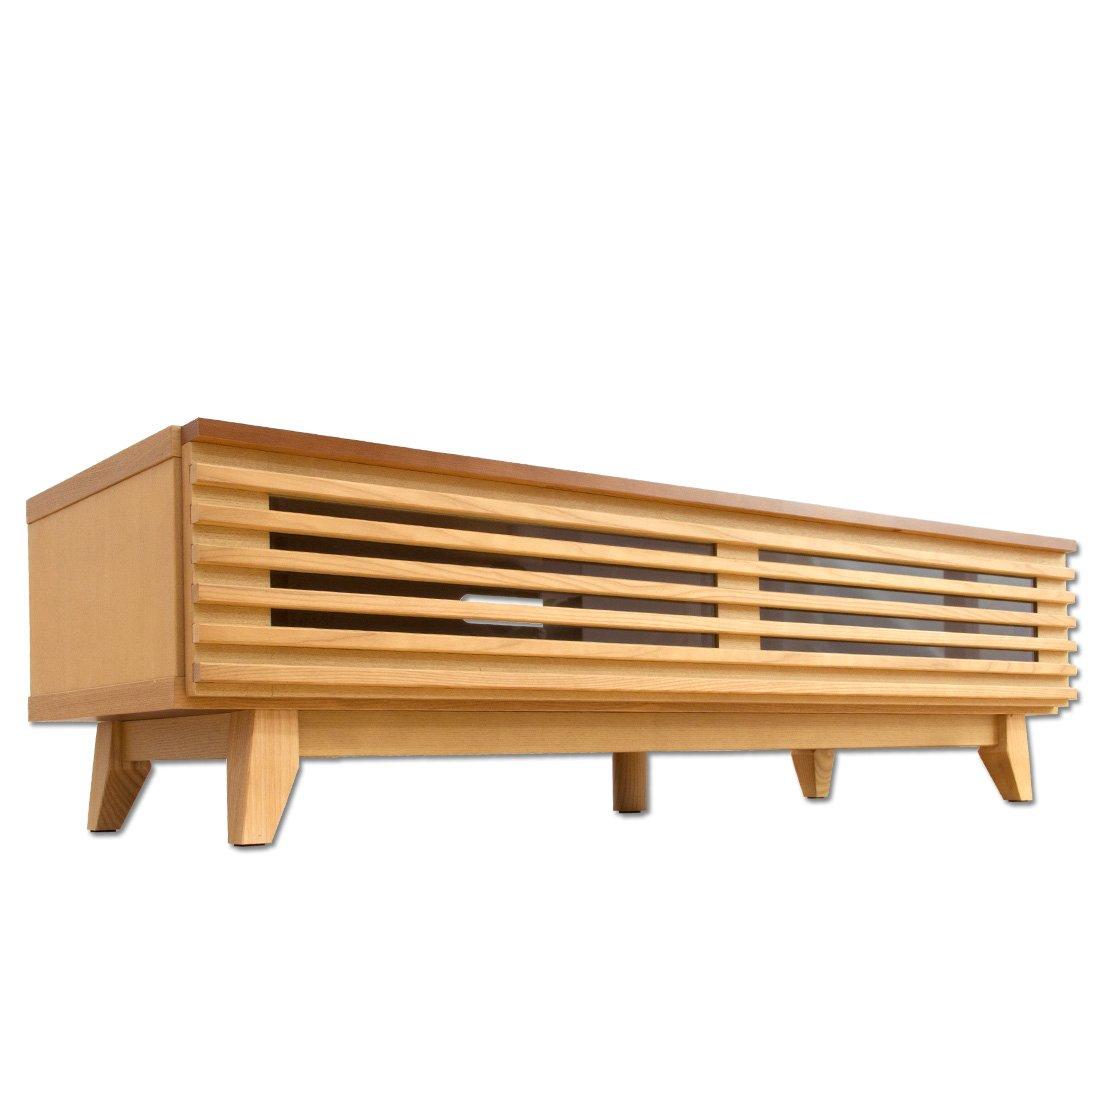 タンスのゲン テレビ台 完成品 ローボード 120cm 木製 ナチュラル 71020020 NA B00HWMF8X8 幅120cm|ナチュラル ナチュラル 幅120cm